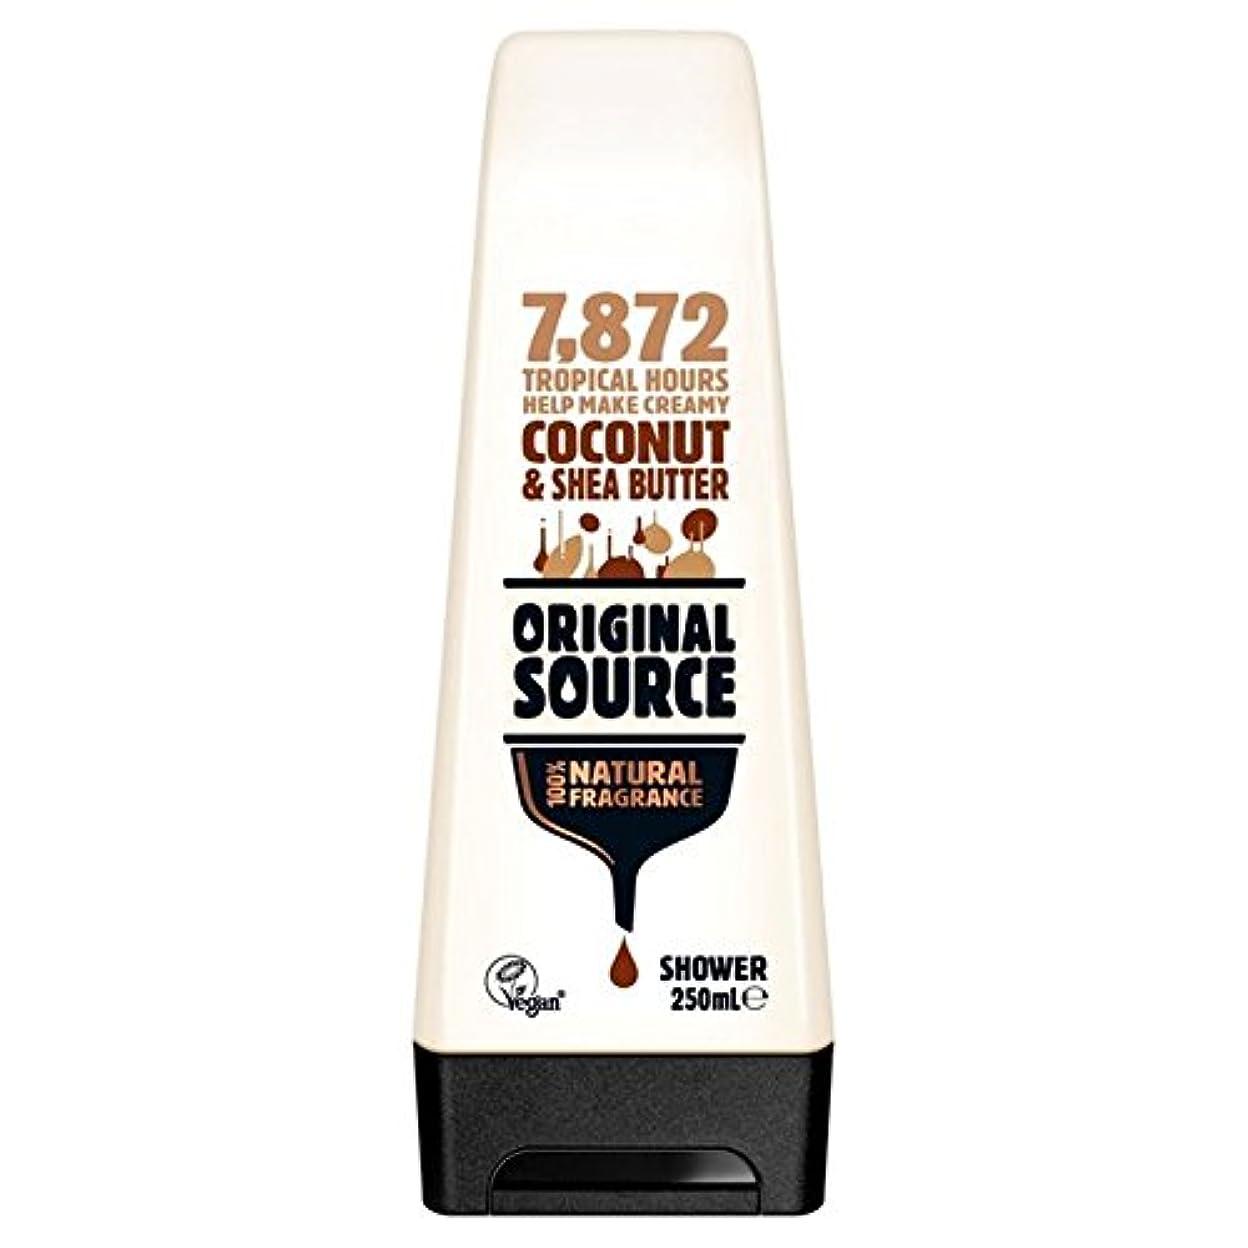 割り当てますそばに比類なきOriginal Source Moisturising Coconut & Shea Butter Shower Gel 250ml - 元のソース保湿ココナッツ&シアバターシャワージェル250ミリリットル [並行輸入品]